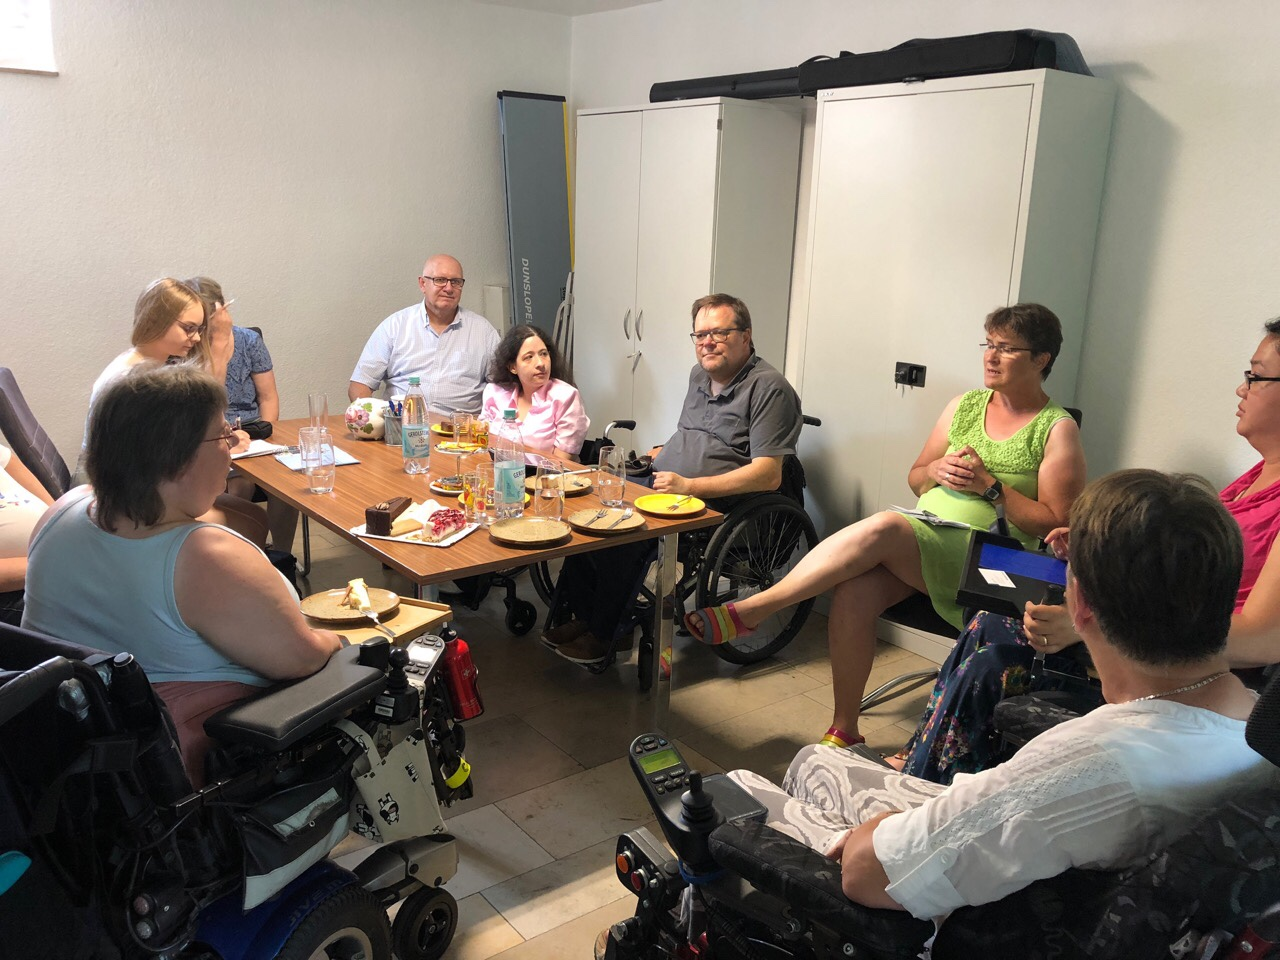 Gesprächsrunde in den Räumen des. ZsL Bad Kreuznach